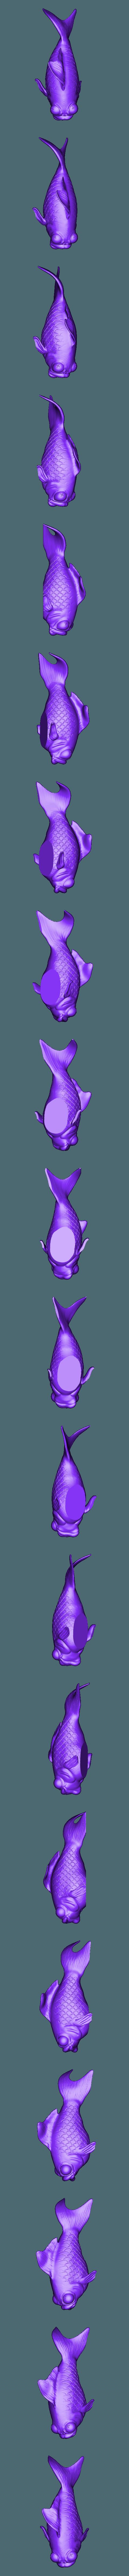 TJG_DeadGoldfish.stl Download free STL file ThatJoshGuy's Dead Goldfish • Template to 3D print, ThatJoshGuy